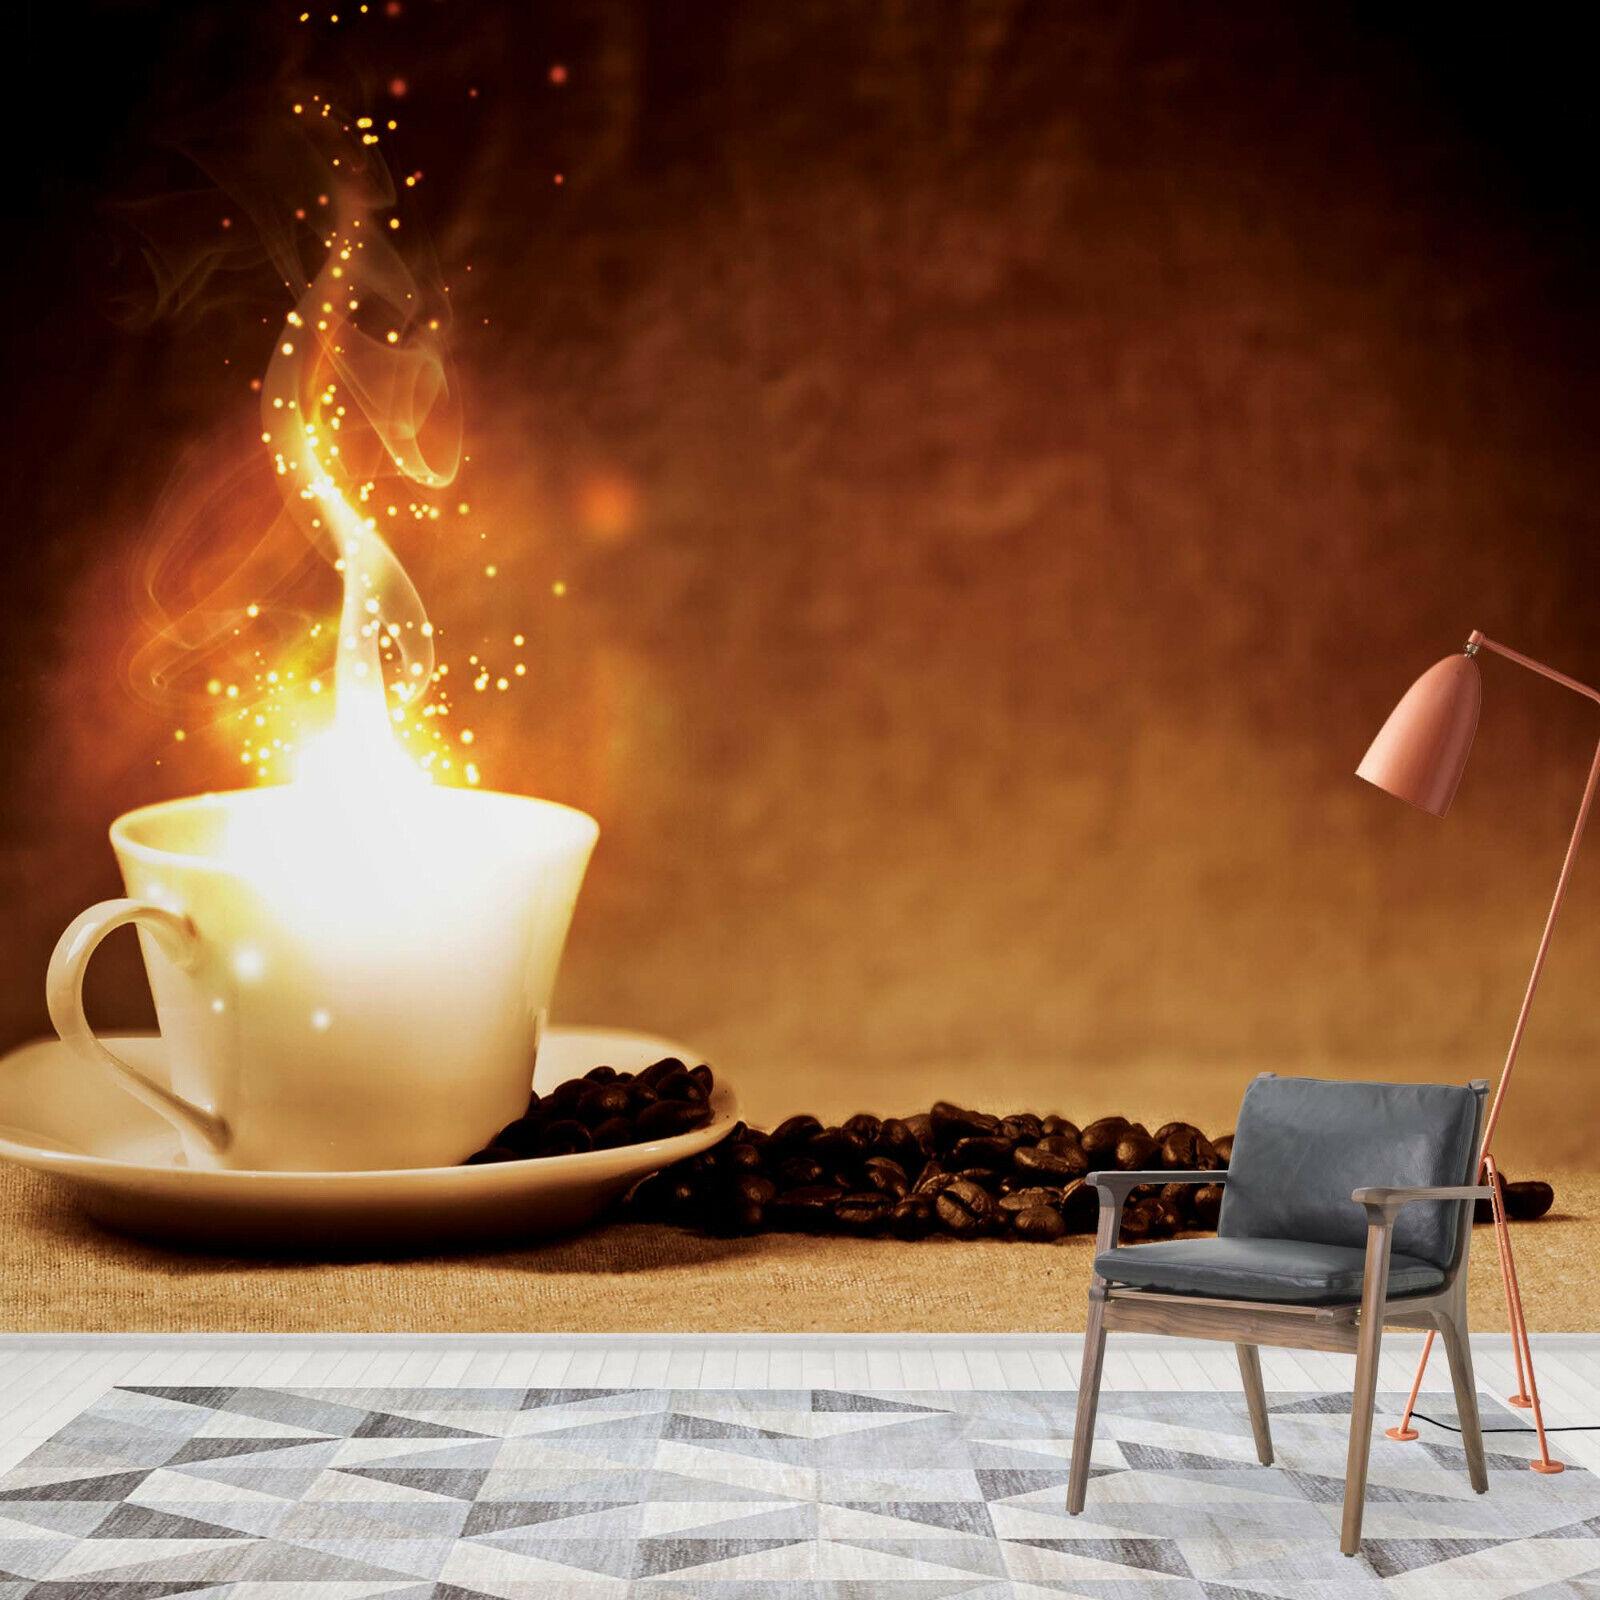 Tapete Fototapete für Küche Esszimmer Kaffeebohnen Bohnenkaffee Coffee Cafe Fire